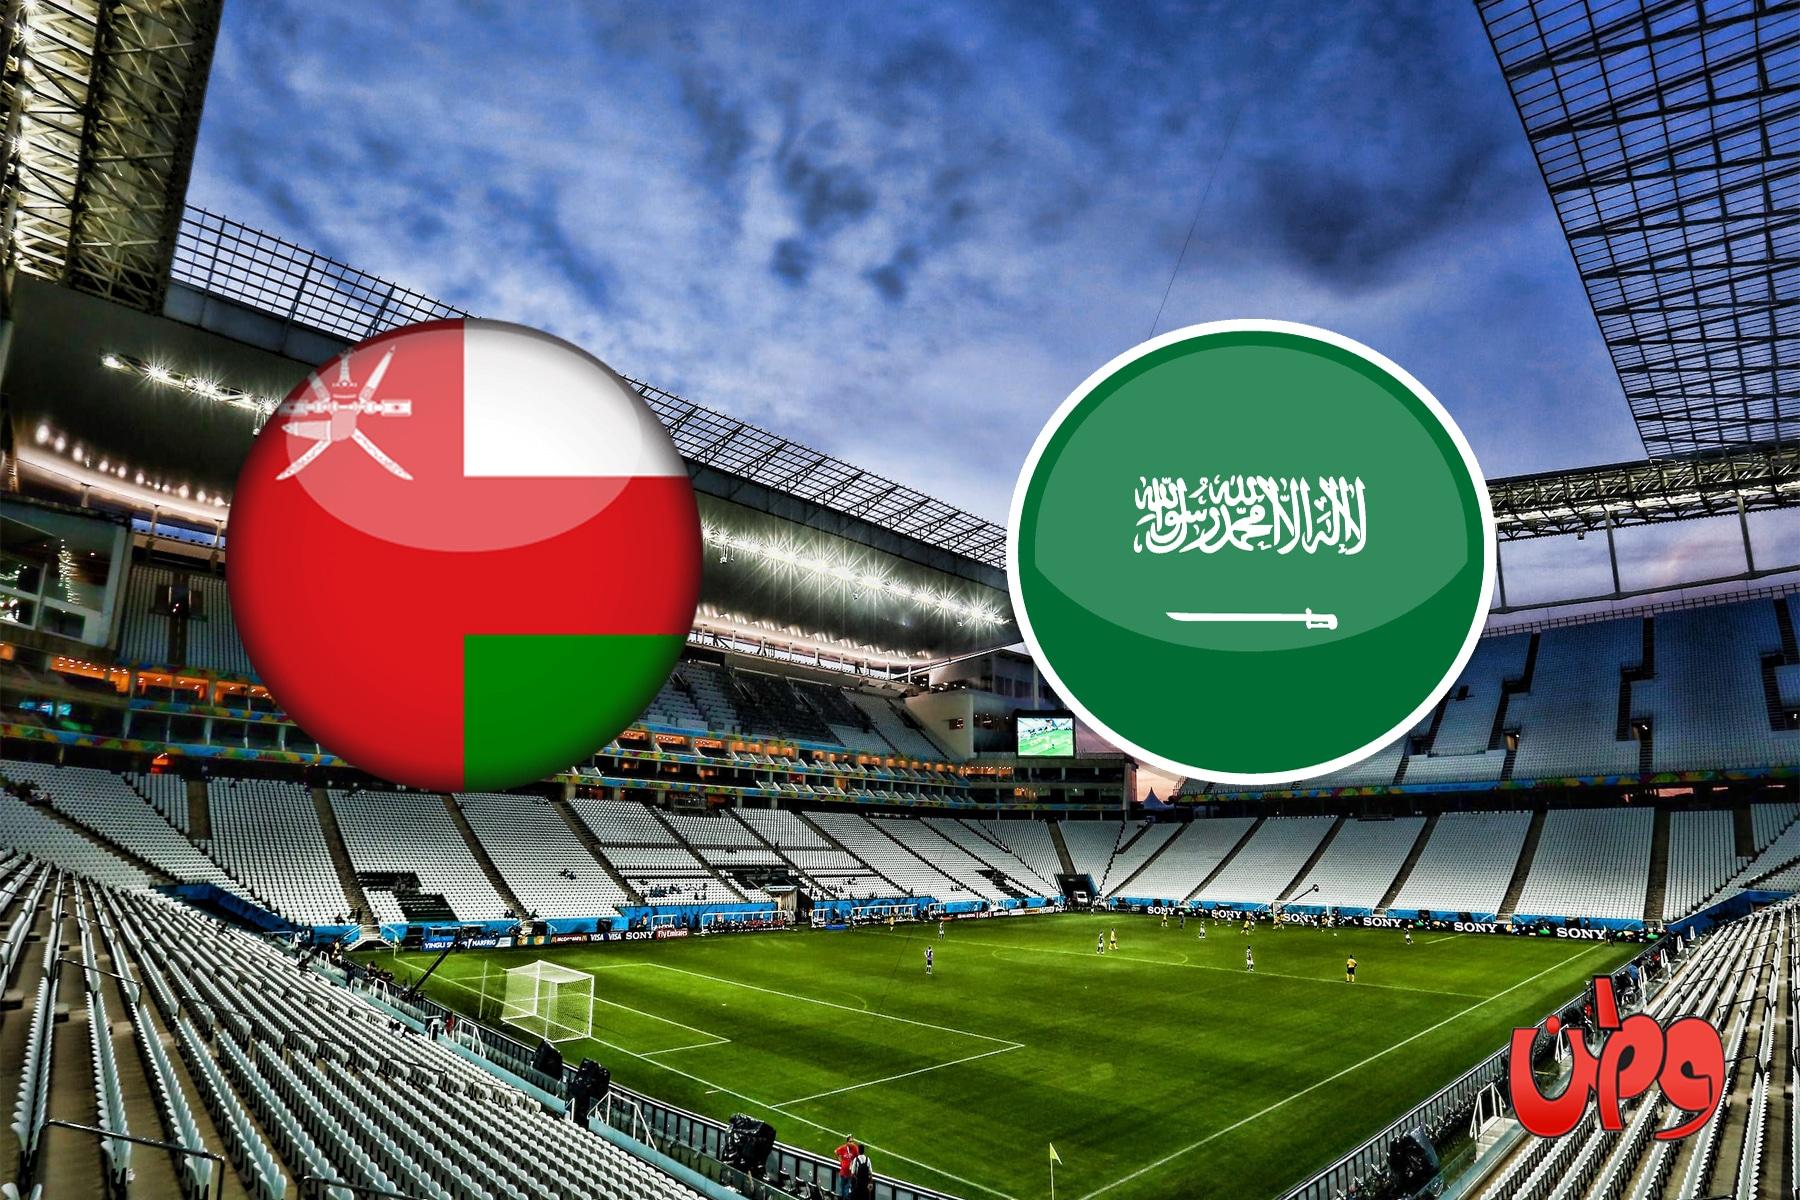 موعد ومعلق مباراة منتخب السعودية وعمان في تصفيات آسيا لمونديال كأس العالم 2022